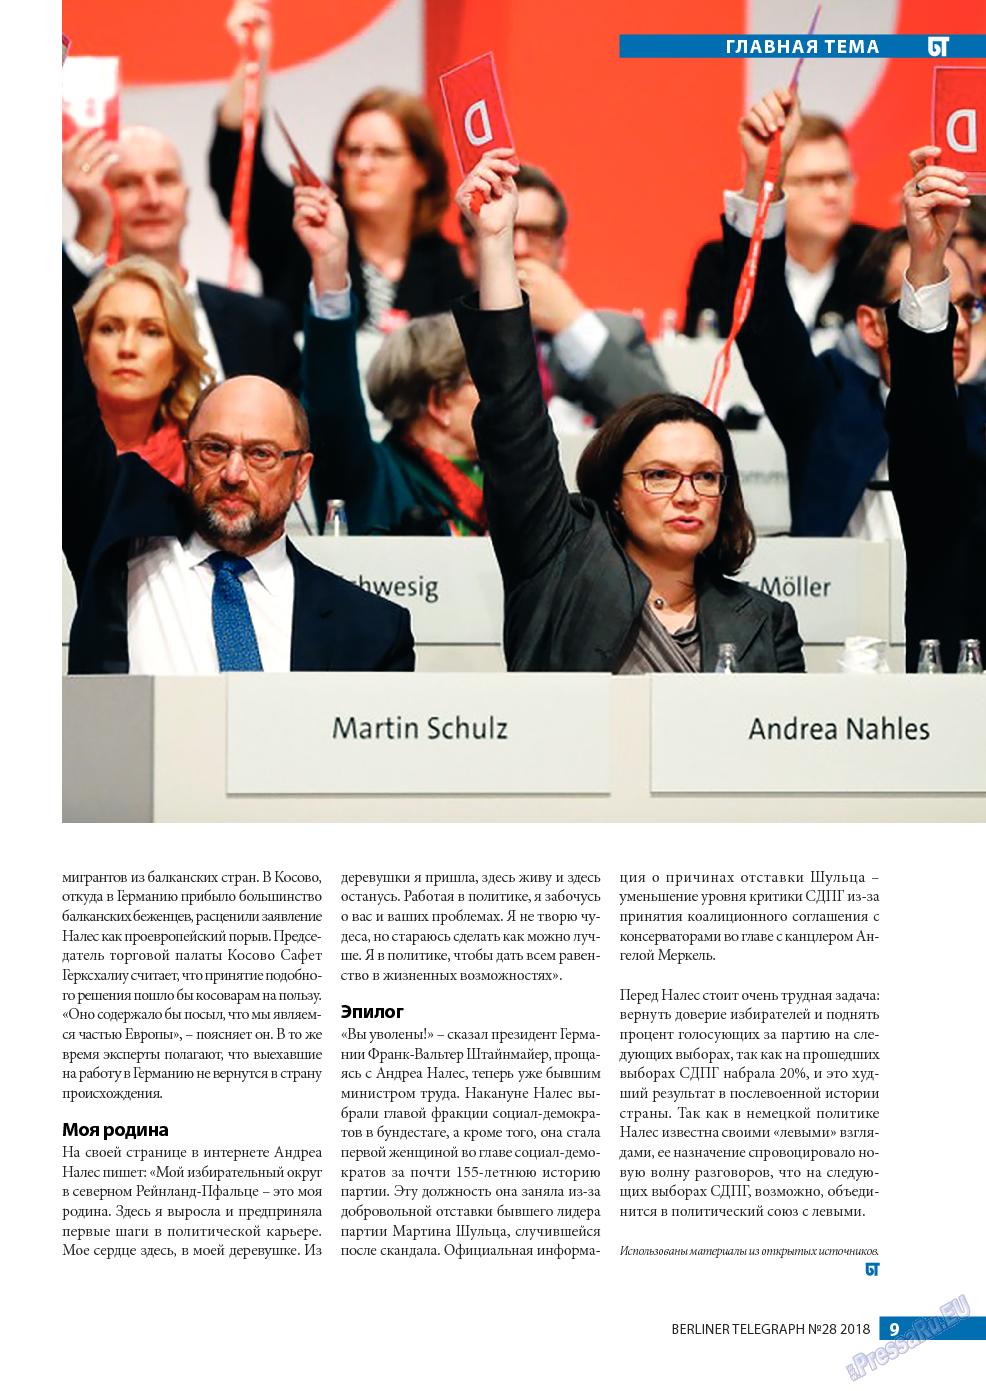 Берлинский телеграф (журнал). 2018 год, номер 28, стр. 9